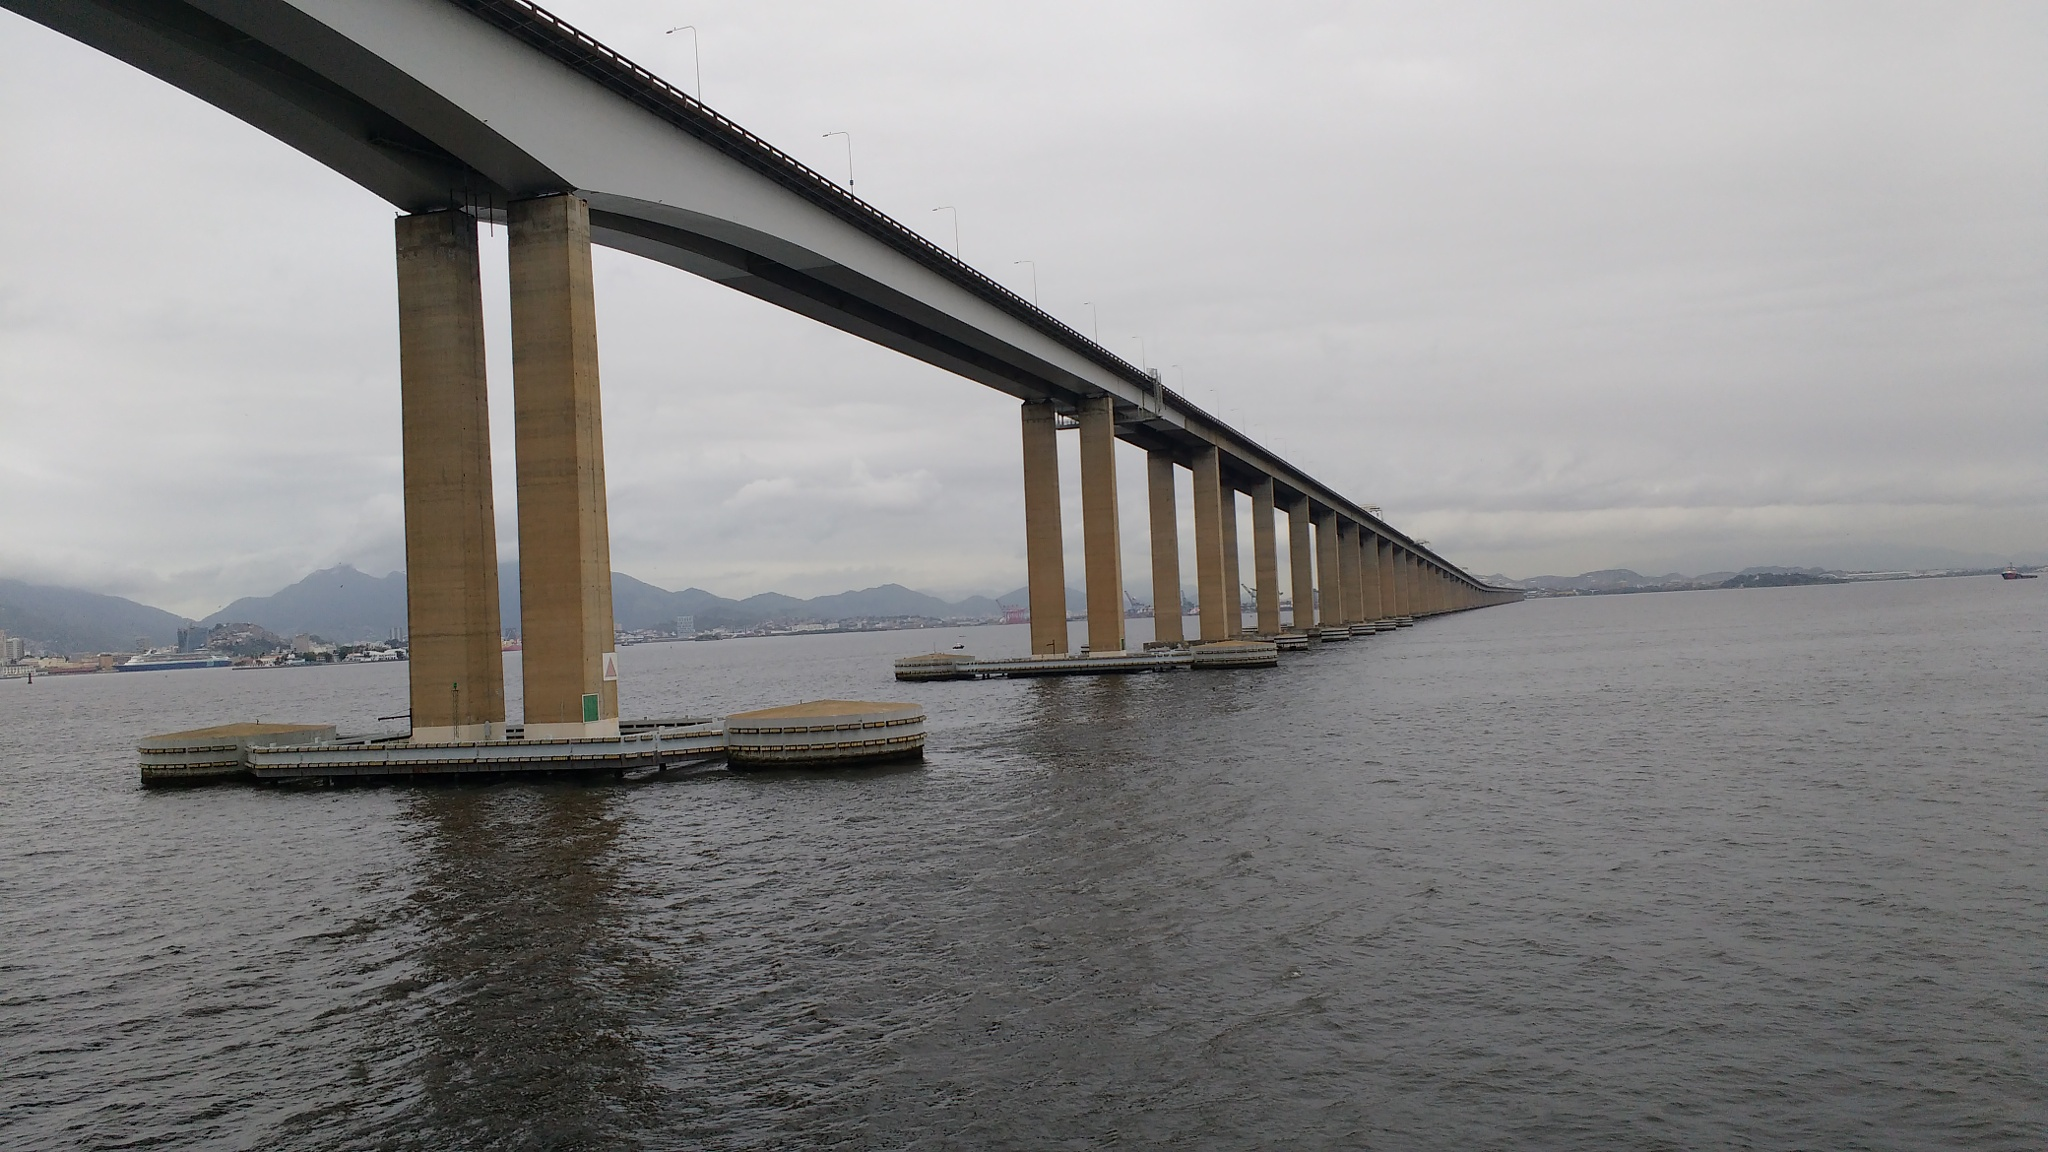 Ponte RioXNiterói, Brasil. by RenatoLimaChef